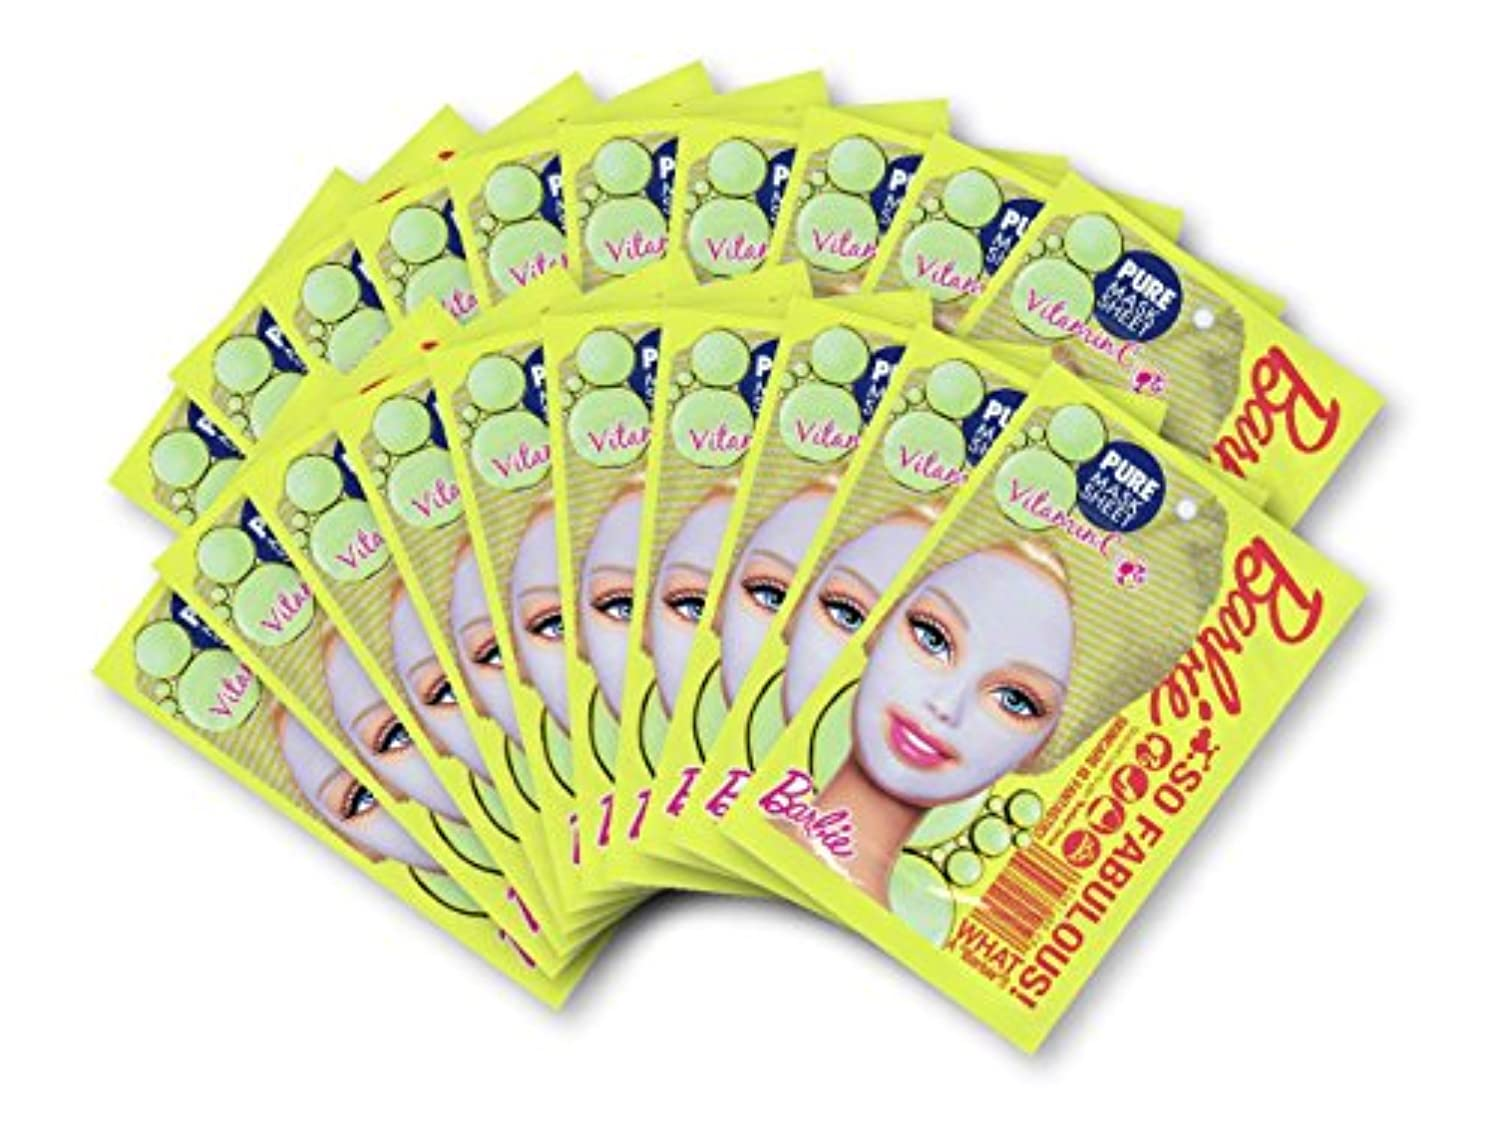 タイプ治す懐バービー (Barbie) フェイスマスク ピュアマスクシートN (ビタミンC) 25ml×20枚入り [透明感] 顔 シートマスク フェイスパック